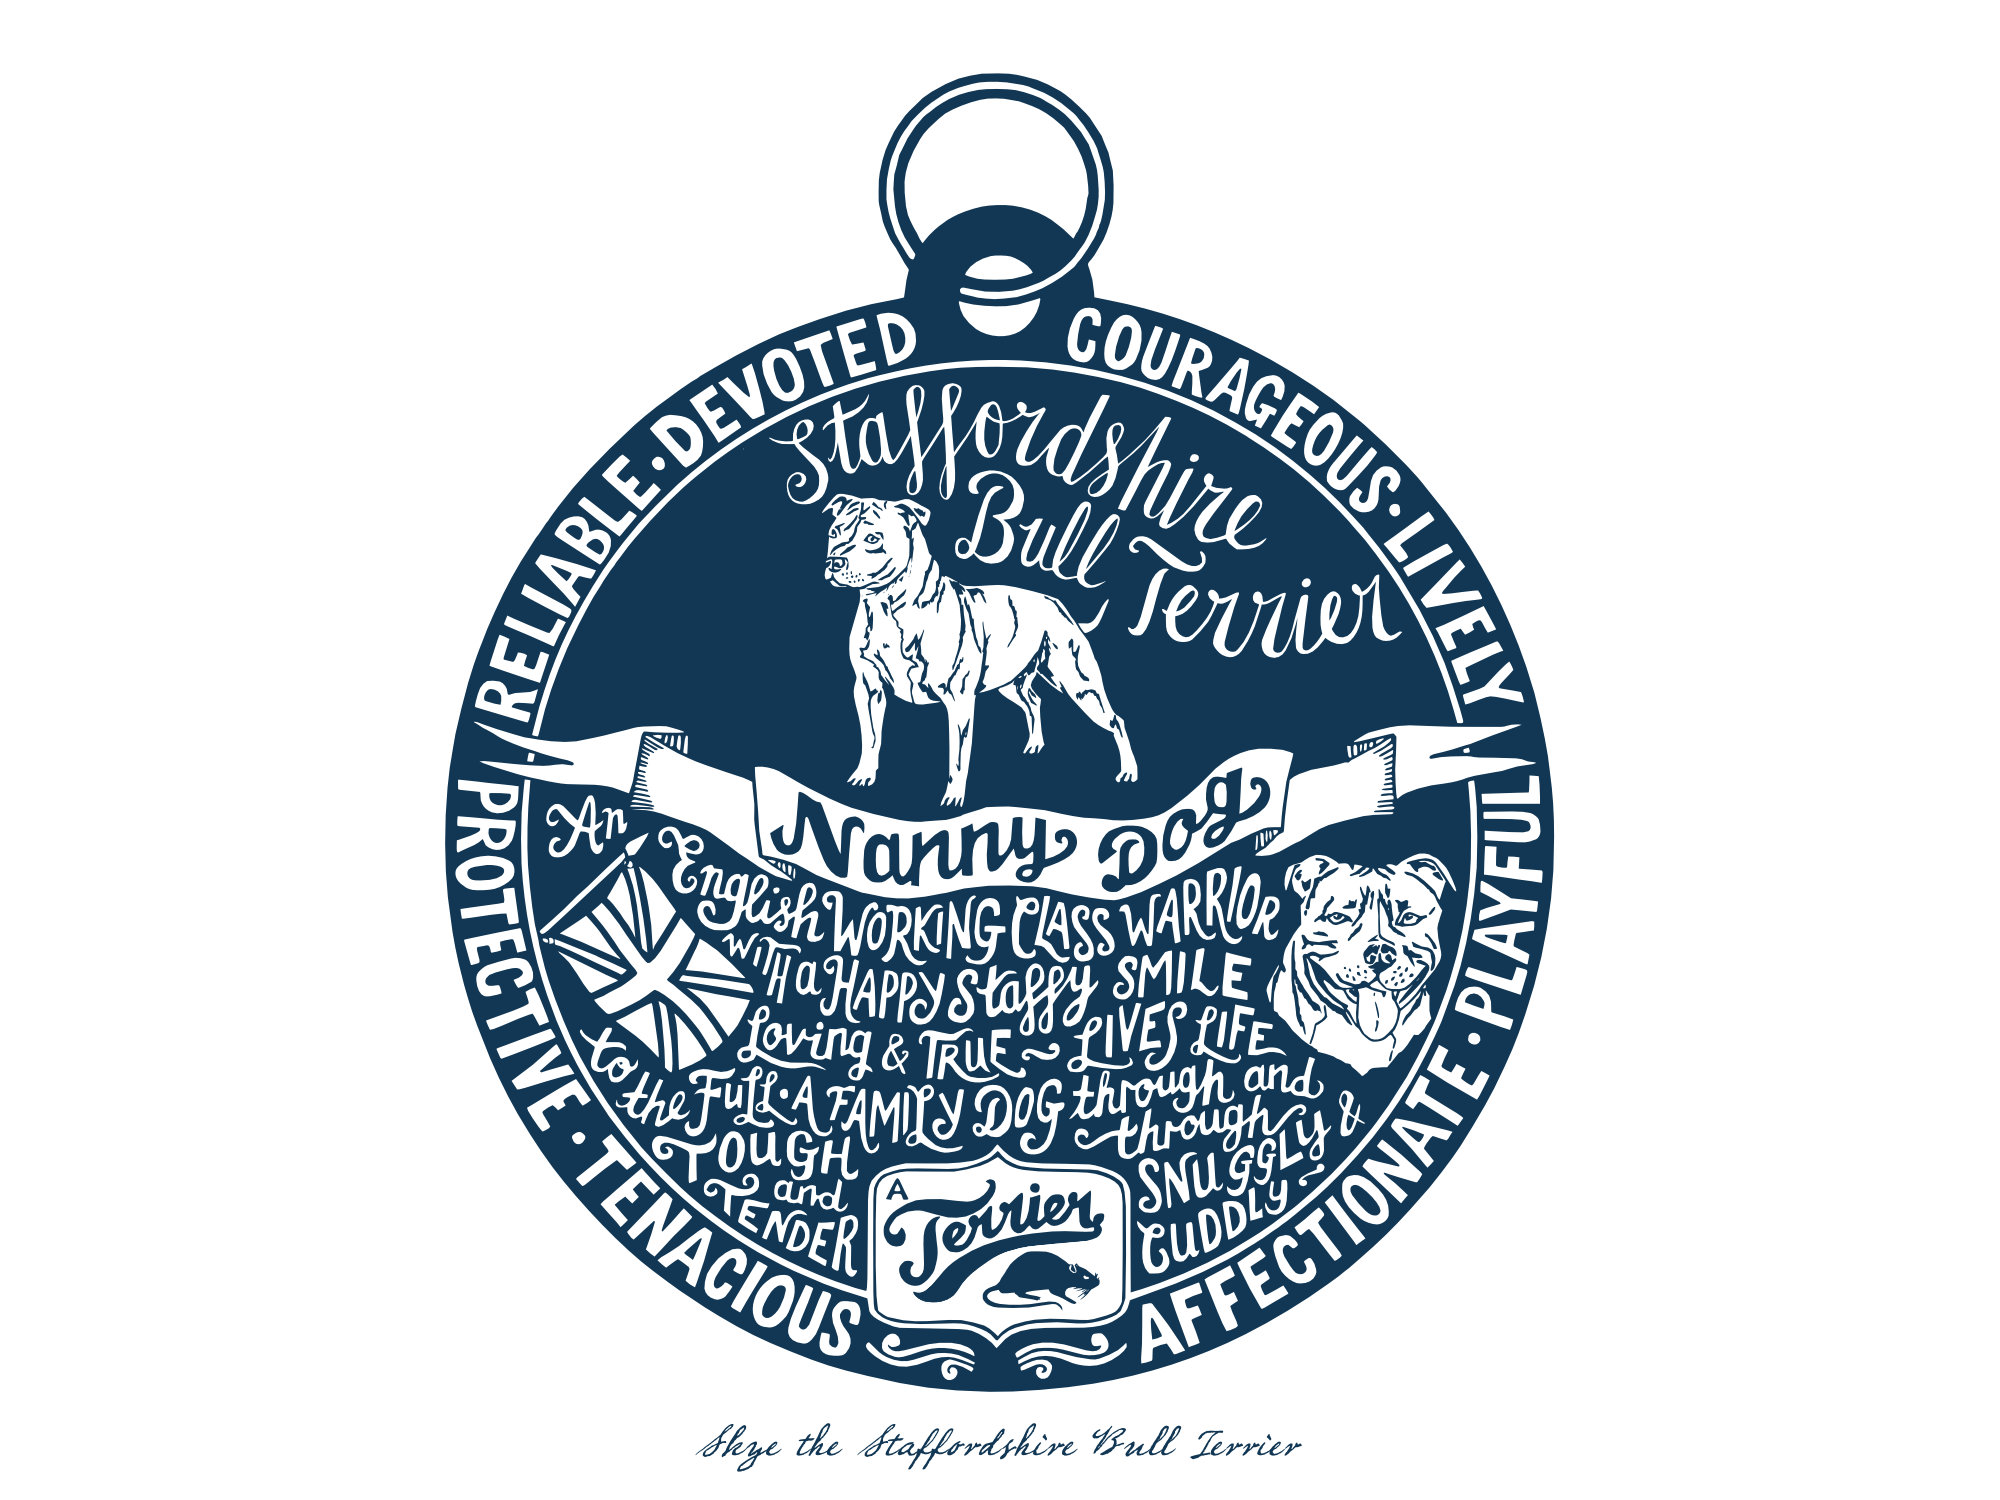 Staffordshire Bull Terrier Print Unframed | The Enlightened Hound